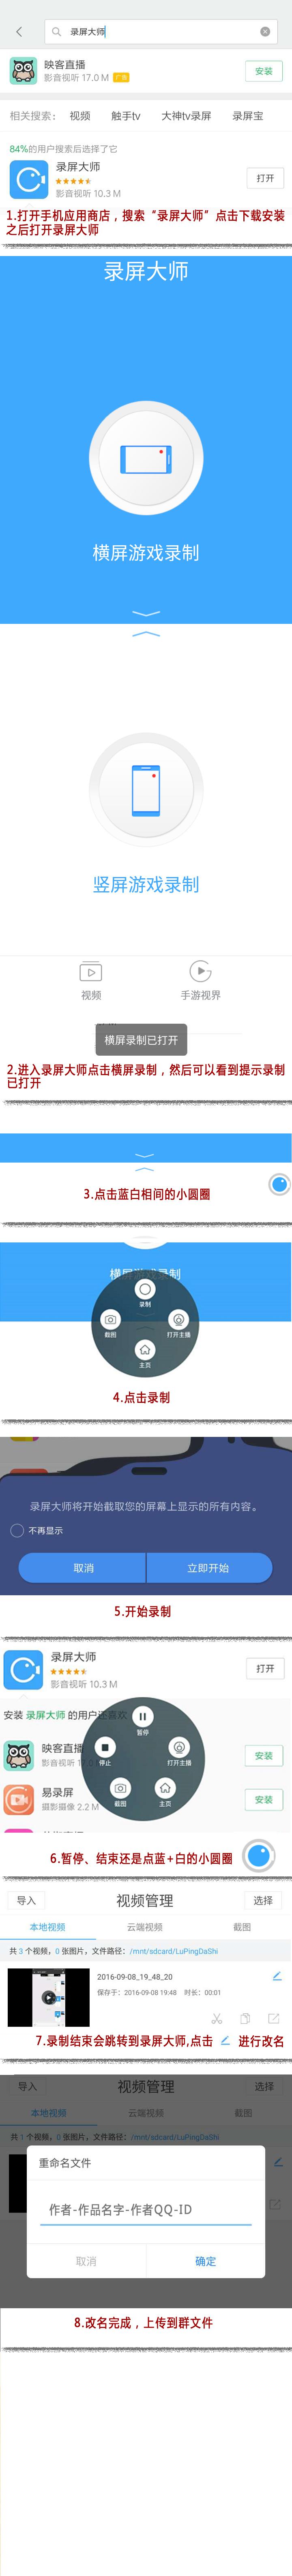 录制视频教程.jpg